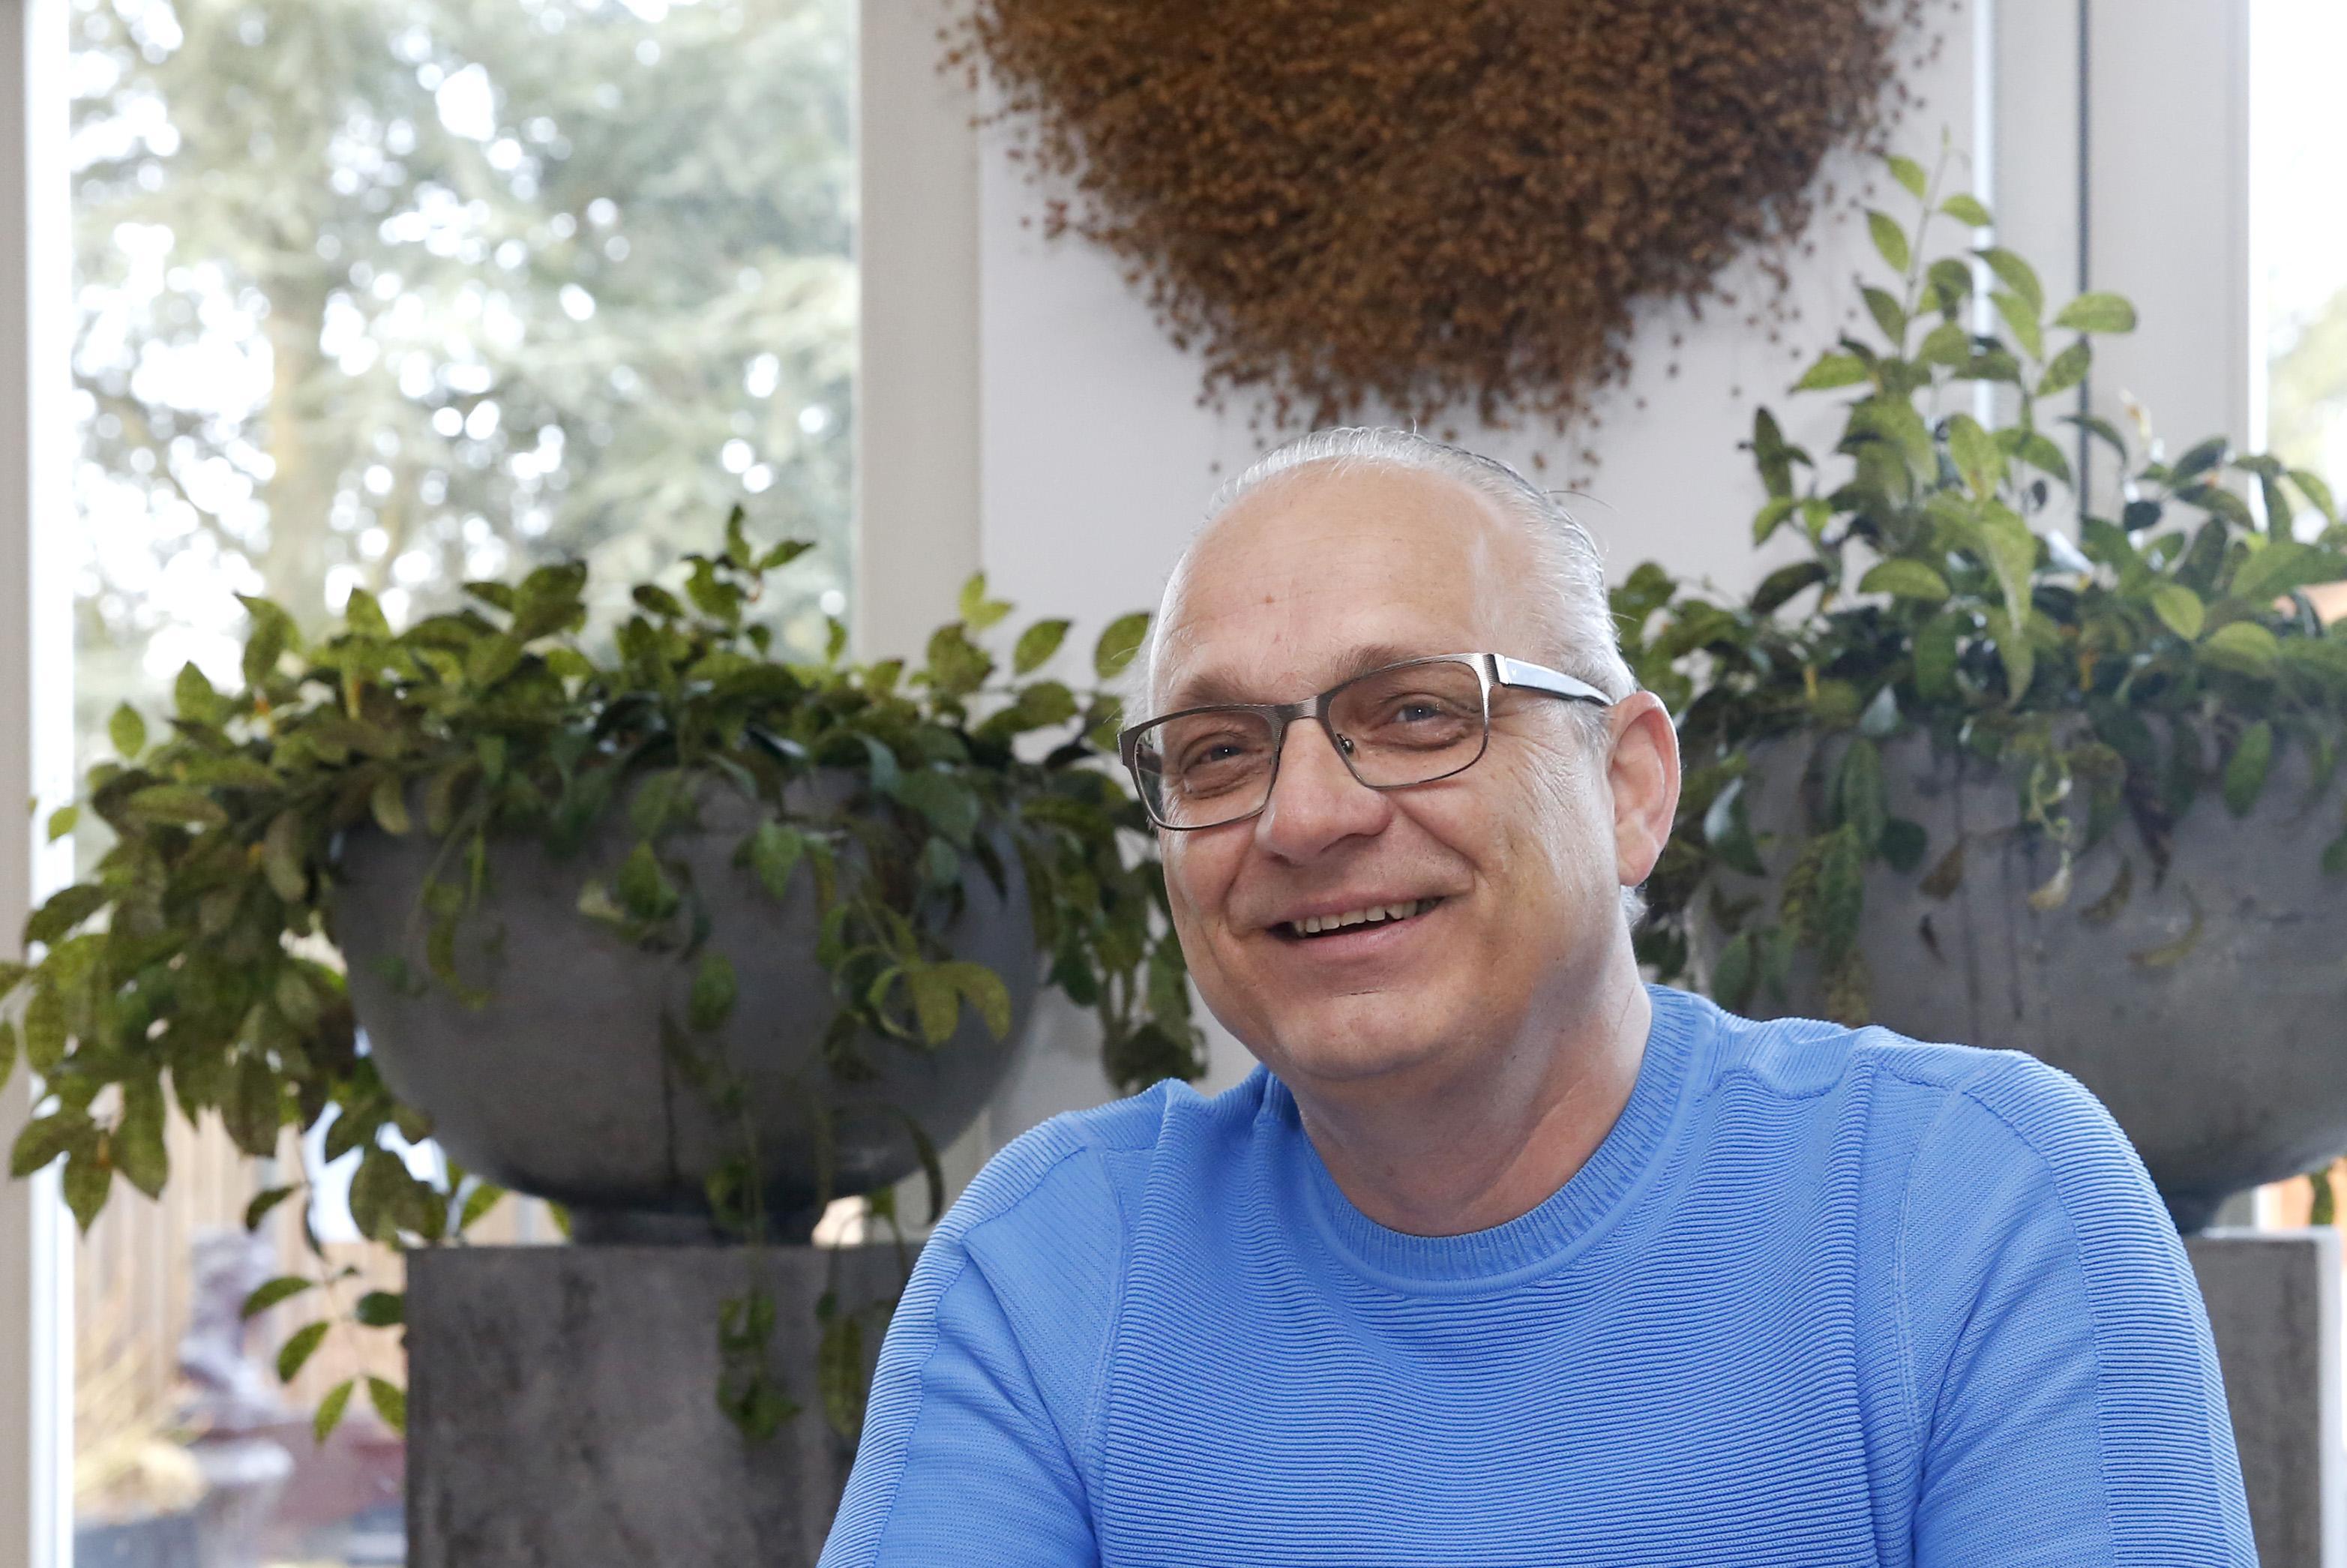 Gosse Bosma, trainer uit Wieringerwerf, gaat straks na drie decennia zonder rottigheid, met pensioen. 'Ik ben 61. Er zijn veel jongere trainers. Als die zouden stoppen, is dat pas echt ingrijpend'